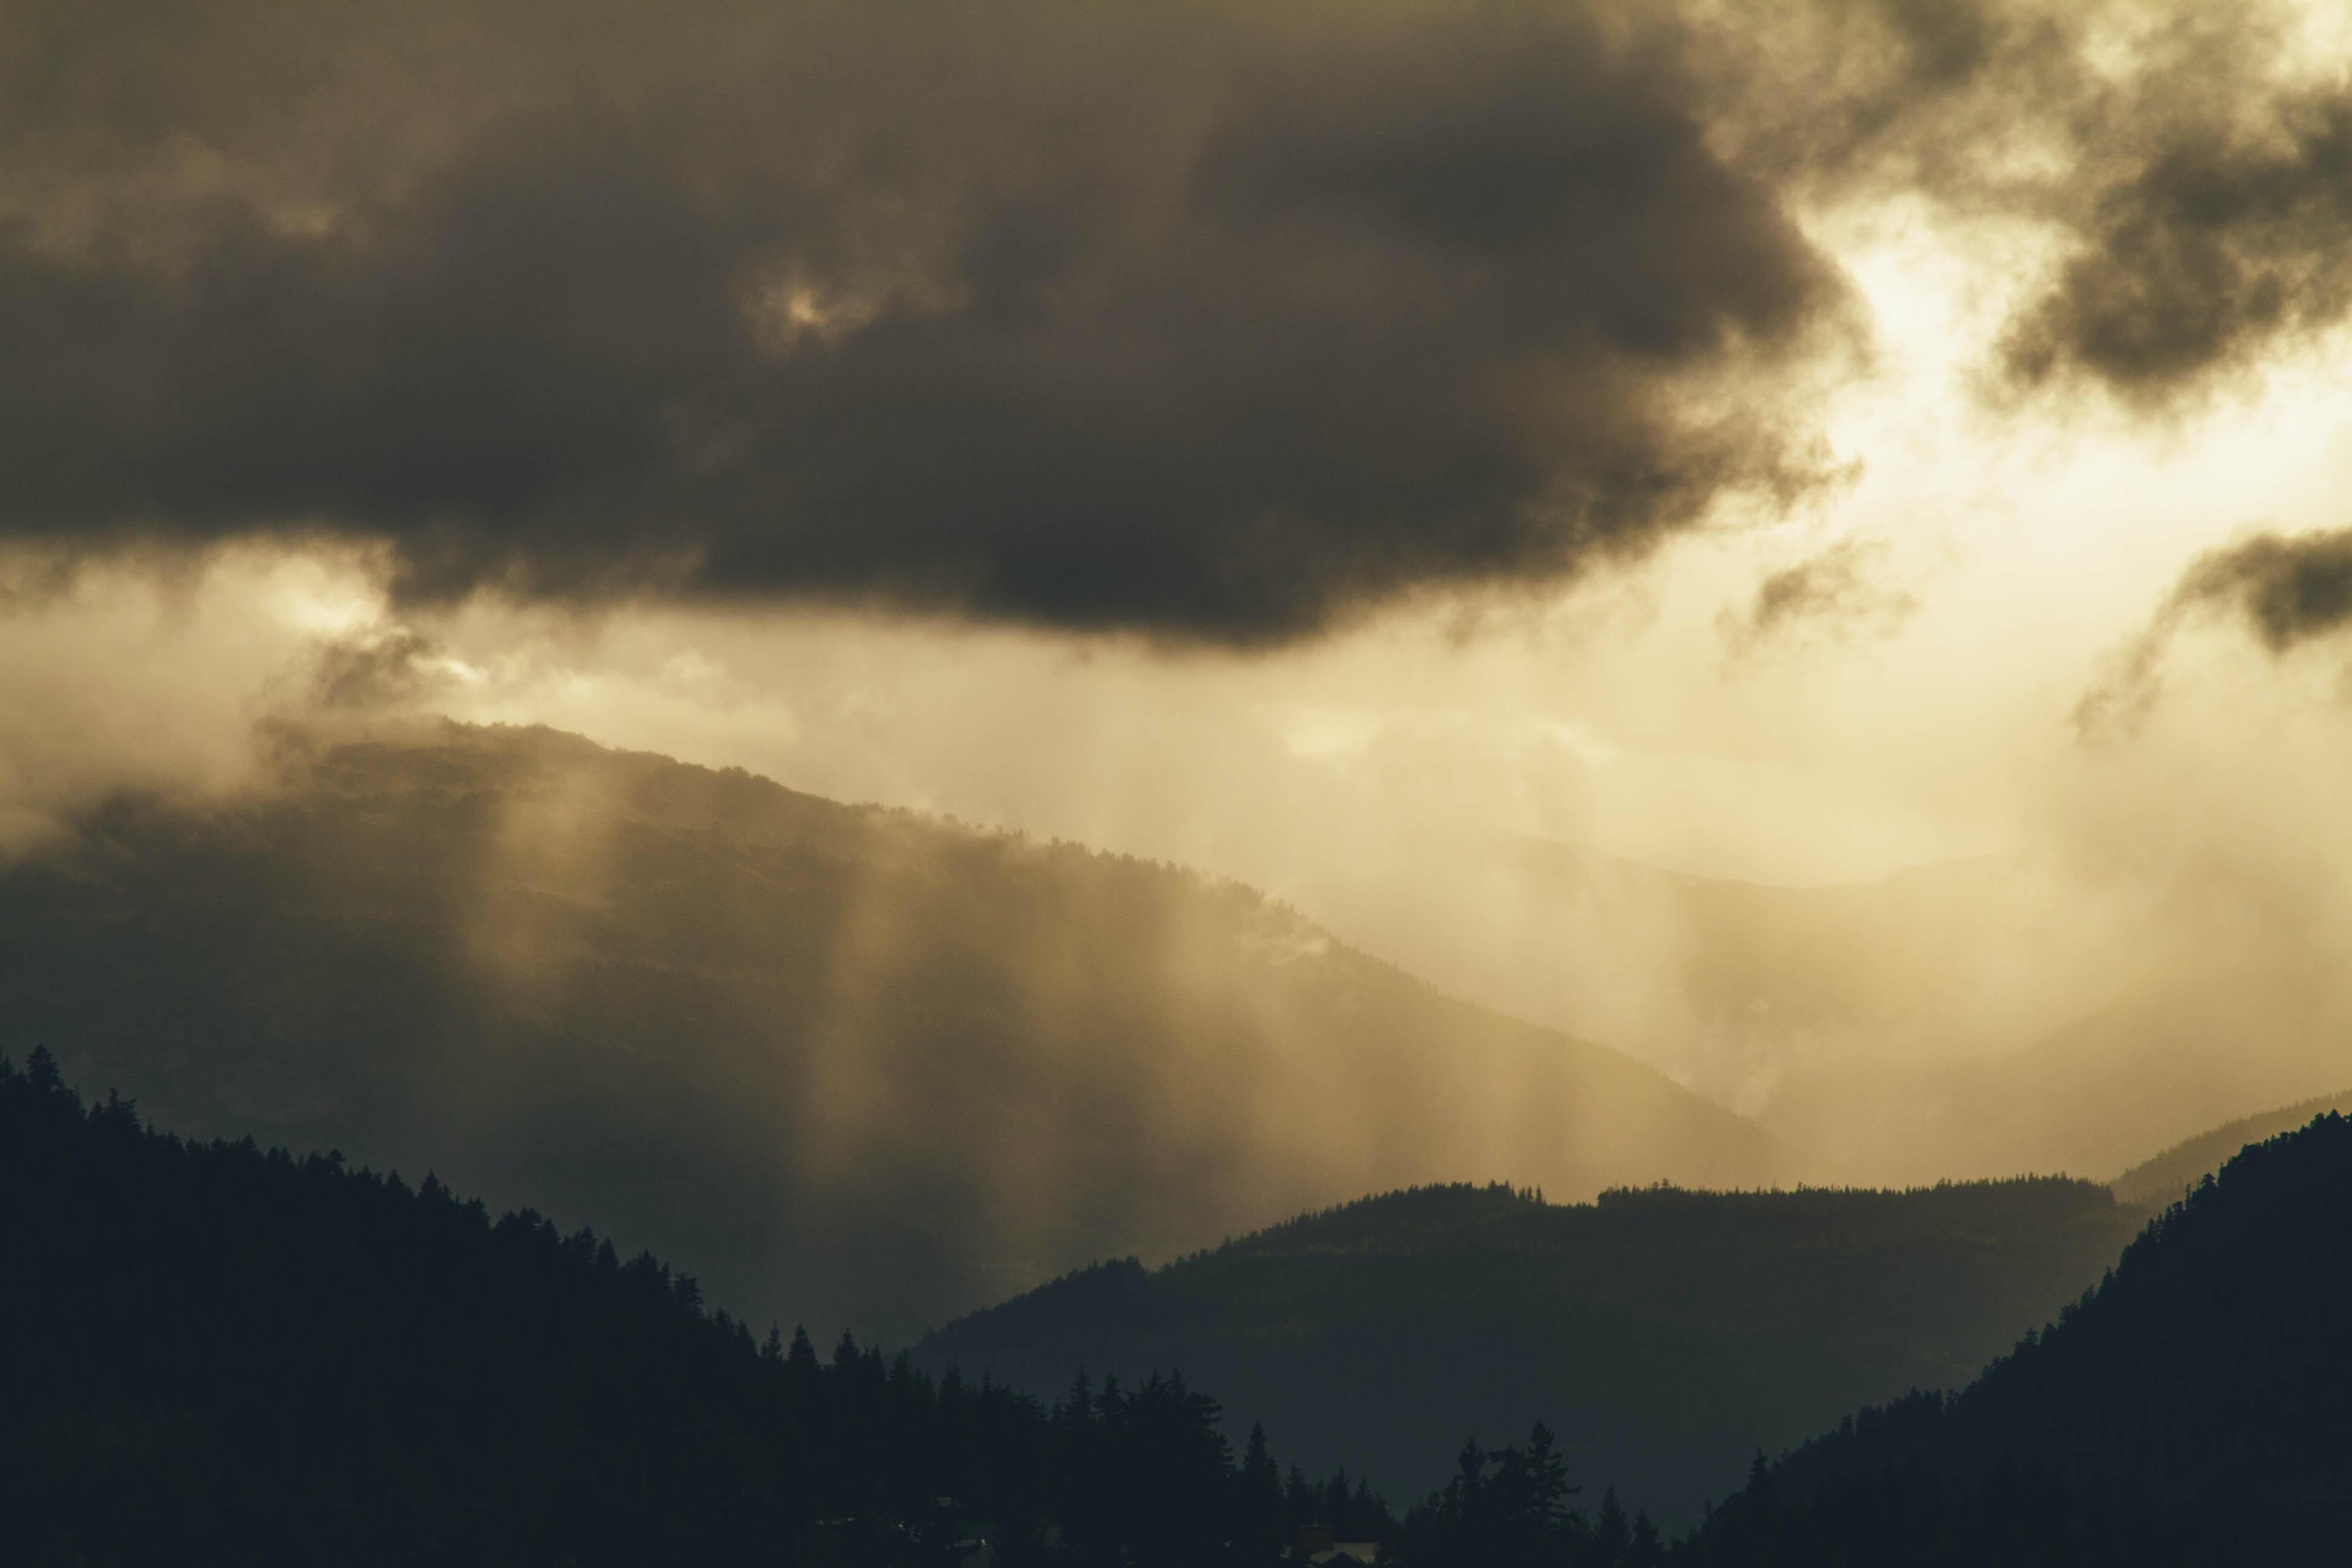 Faint sun rays over hills